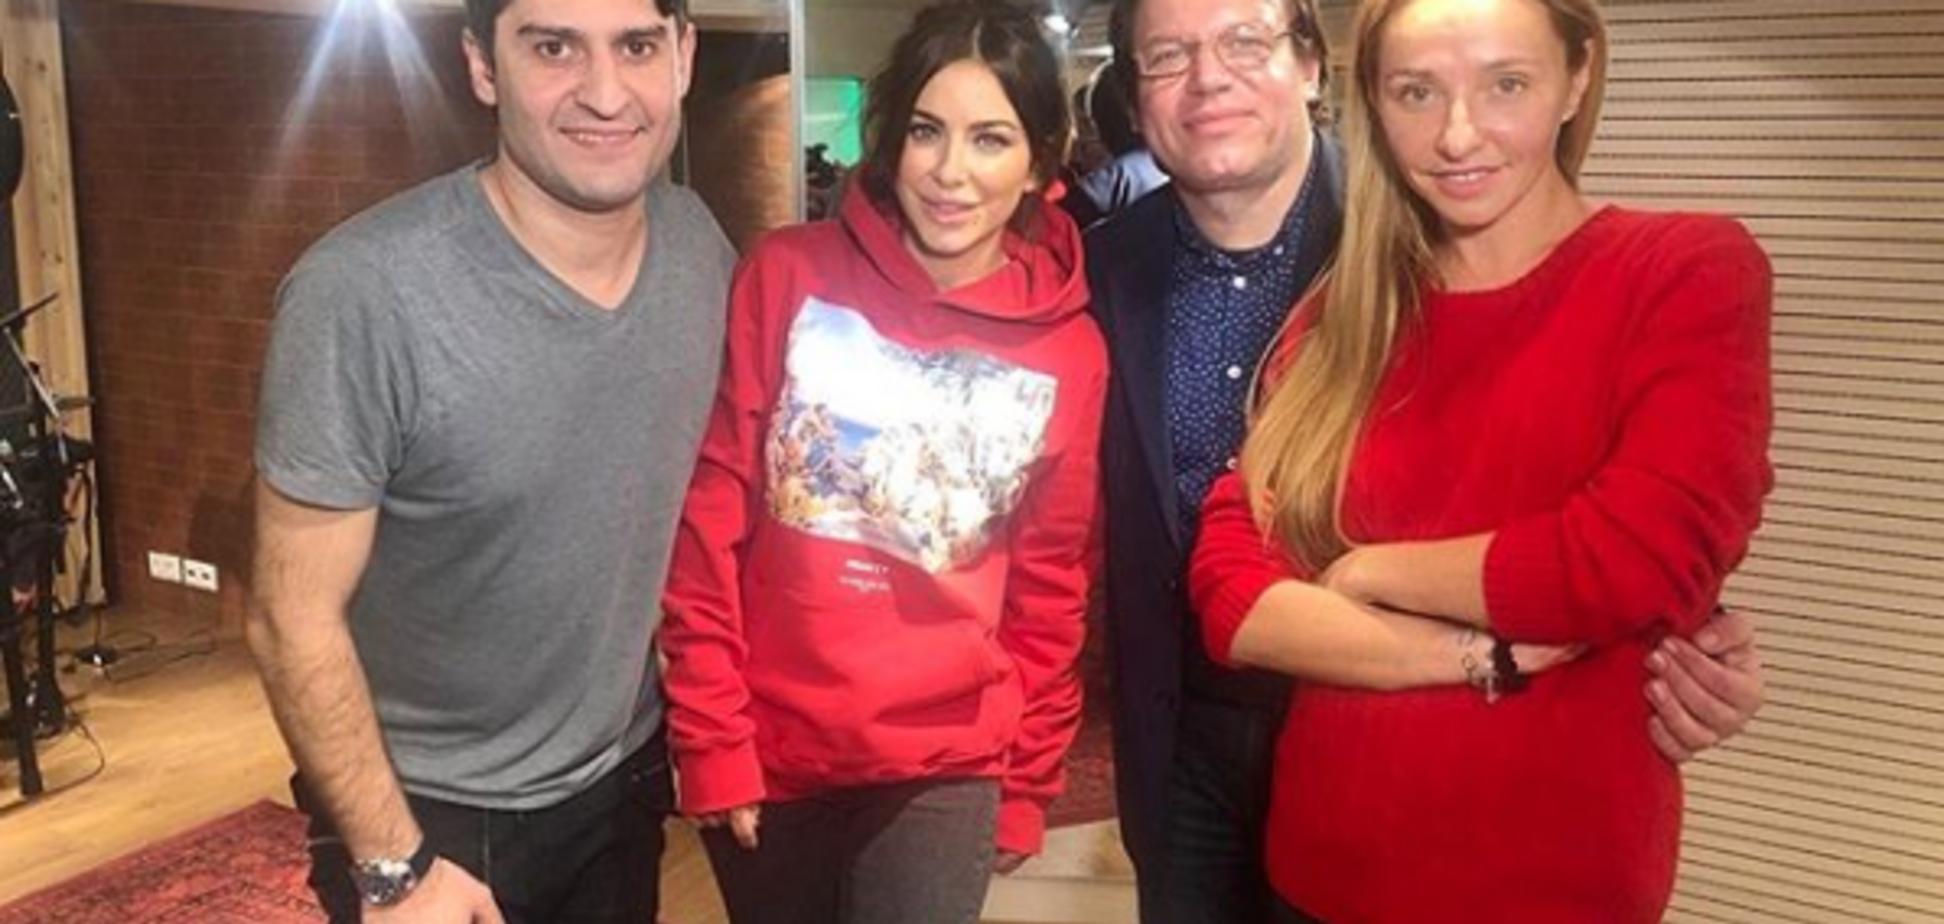 Ані Лорак показала дружину Пєскова без макіяжу: в мережі ажіотаж